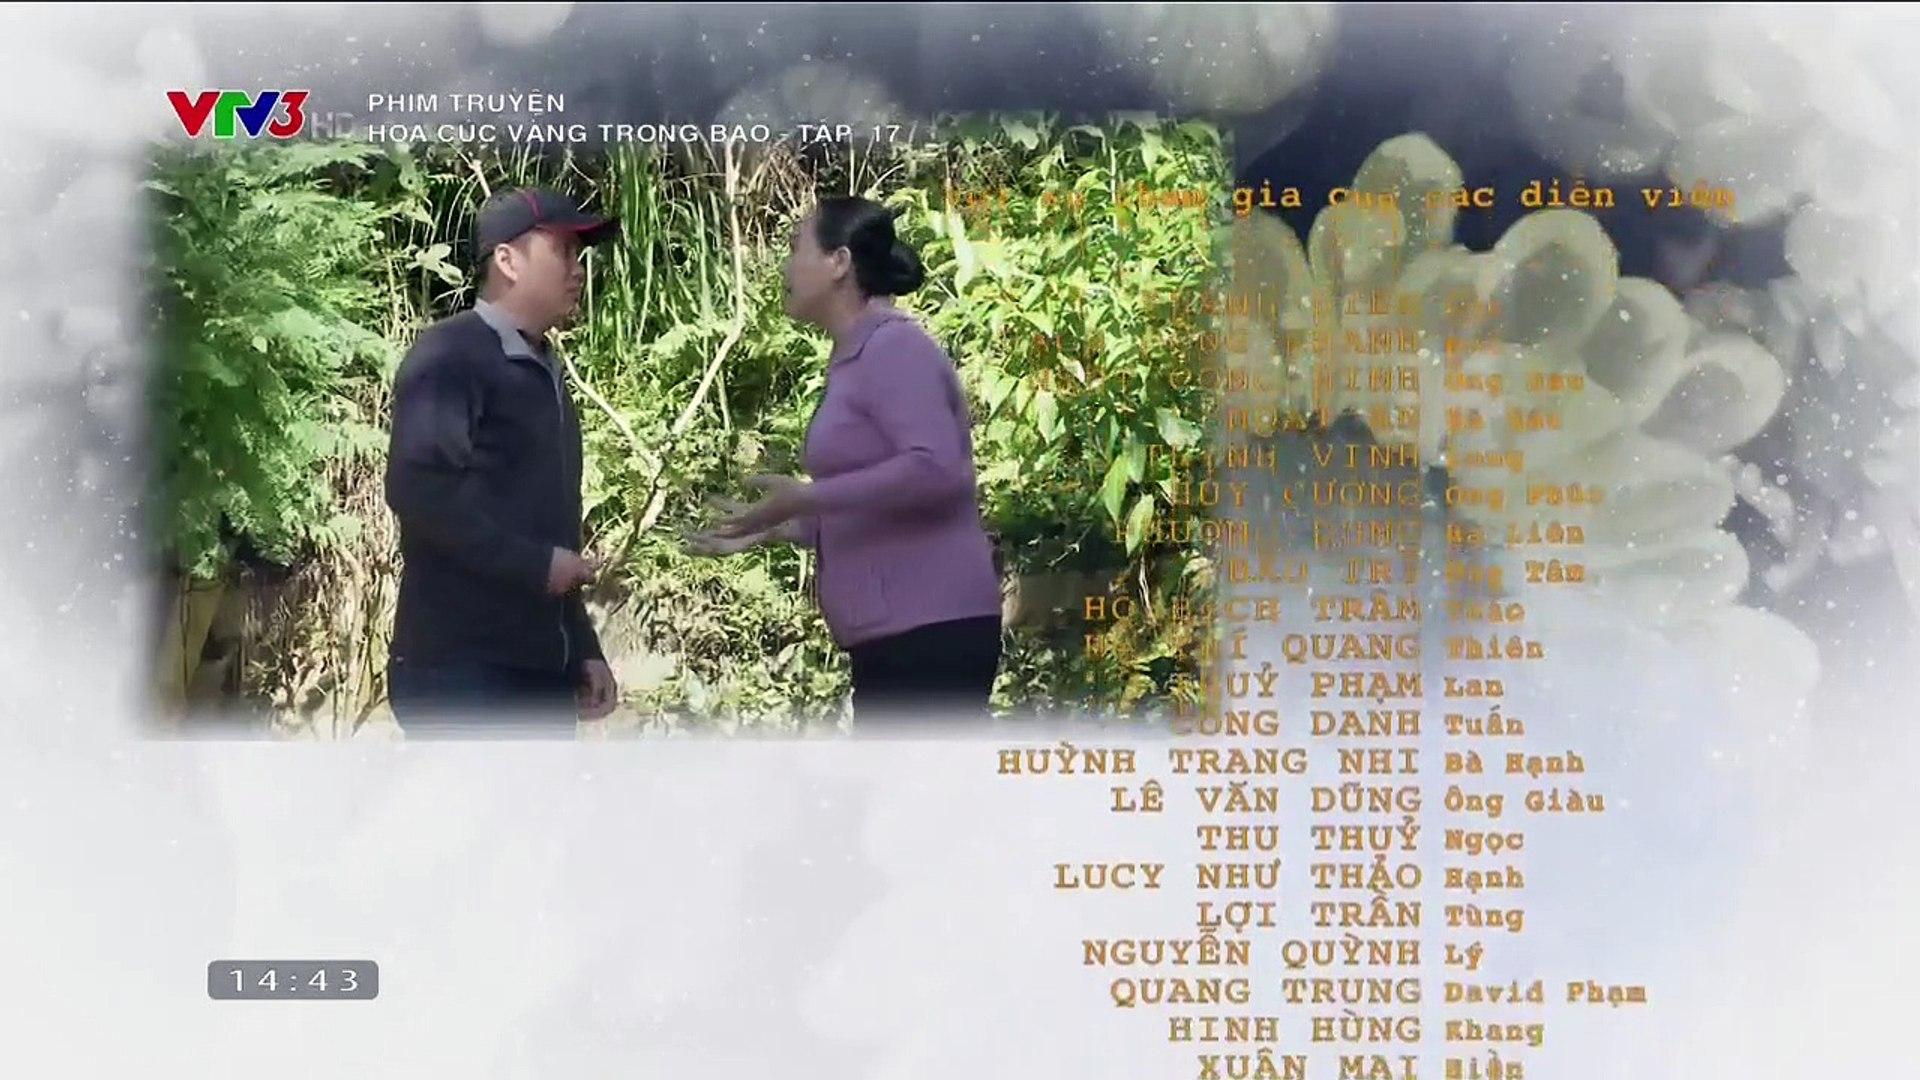 Hoa Cúc Vàng Trong Bão Tập 18 ~ Bản Chuẩn ~ Phim Việt Nam VTV3 ~ Phim Hoa Cuc Vang Trong Bao Tap 19